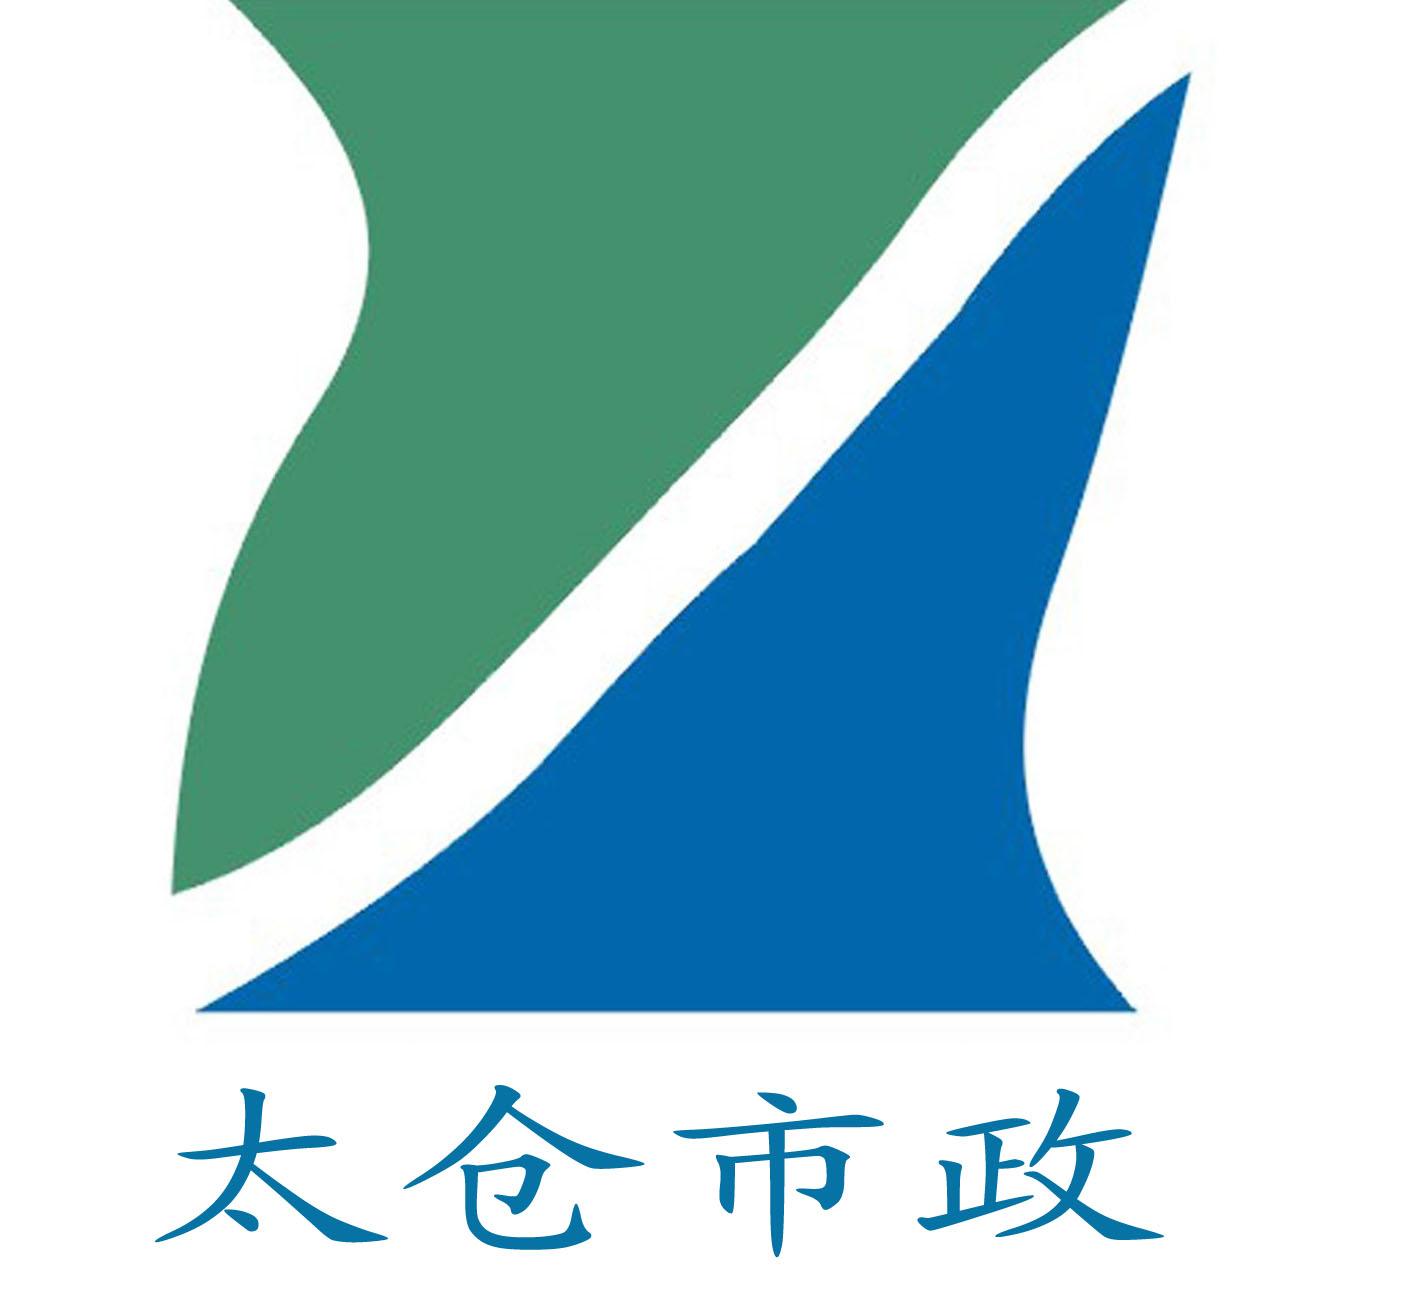 太仓市市政工程有限公司最新招聘信息